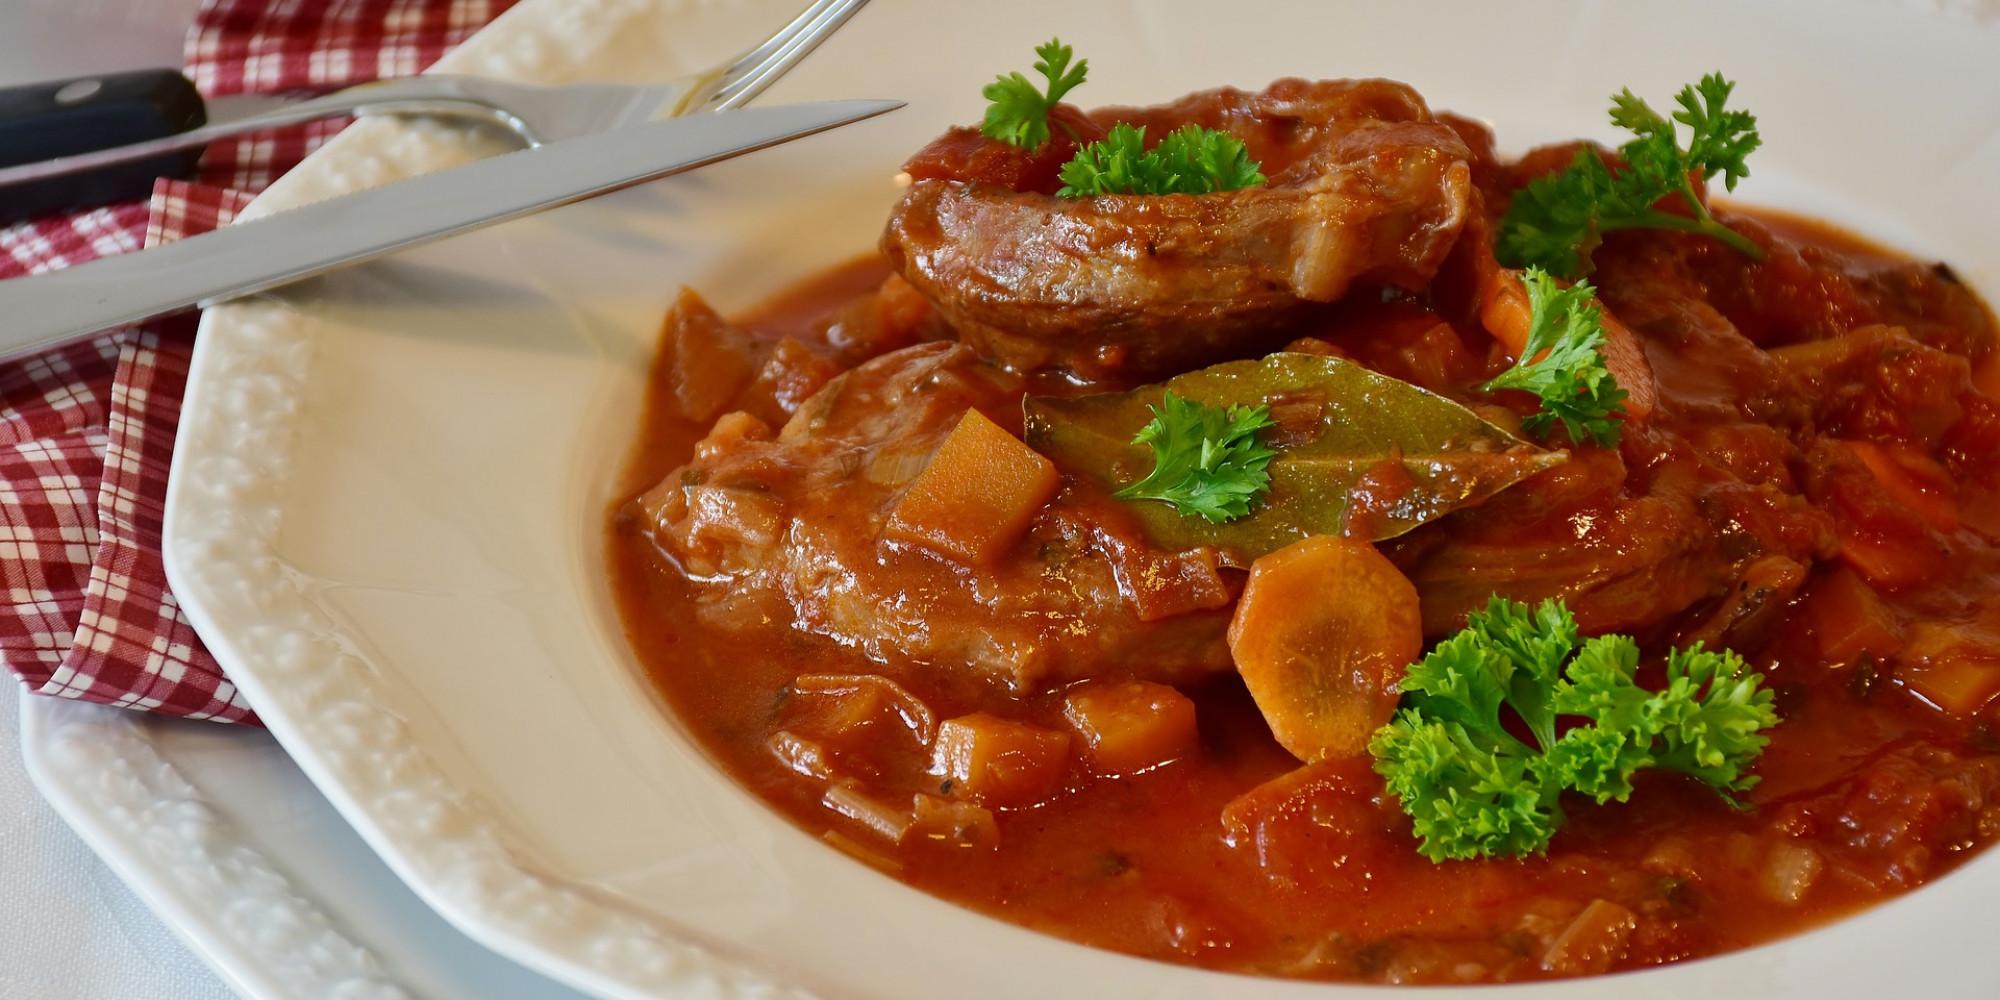 Comment cuisiner un délicieux Osso bucco, ce must de la cuisine italienne